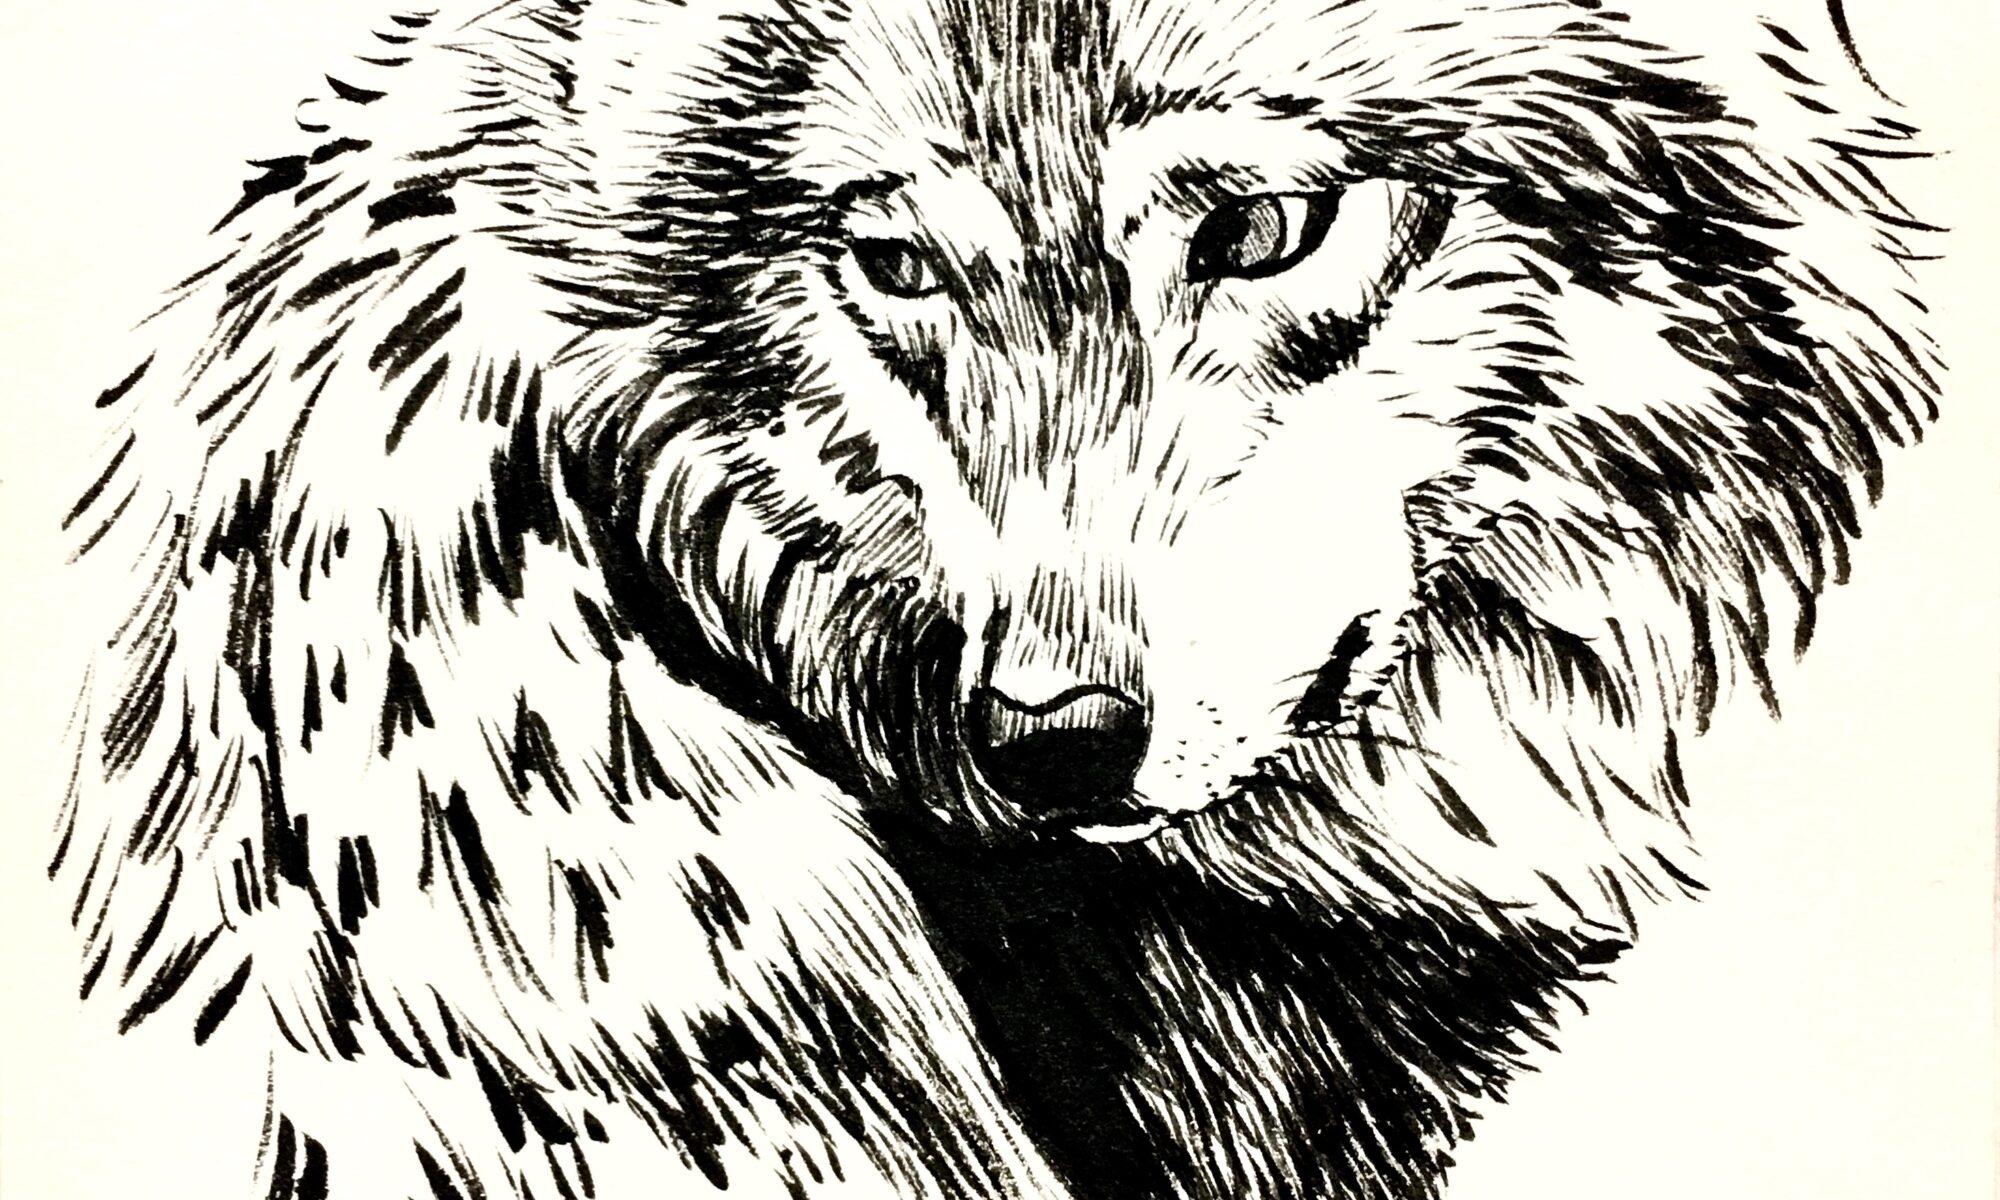 墨絵 動物画 イラスト 狼 美術 絵 アート